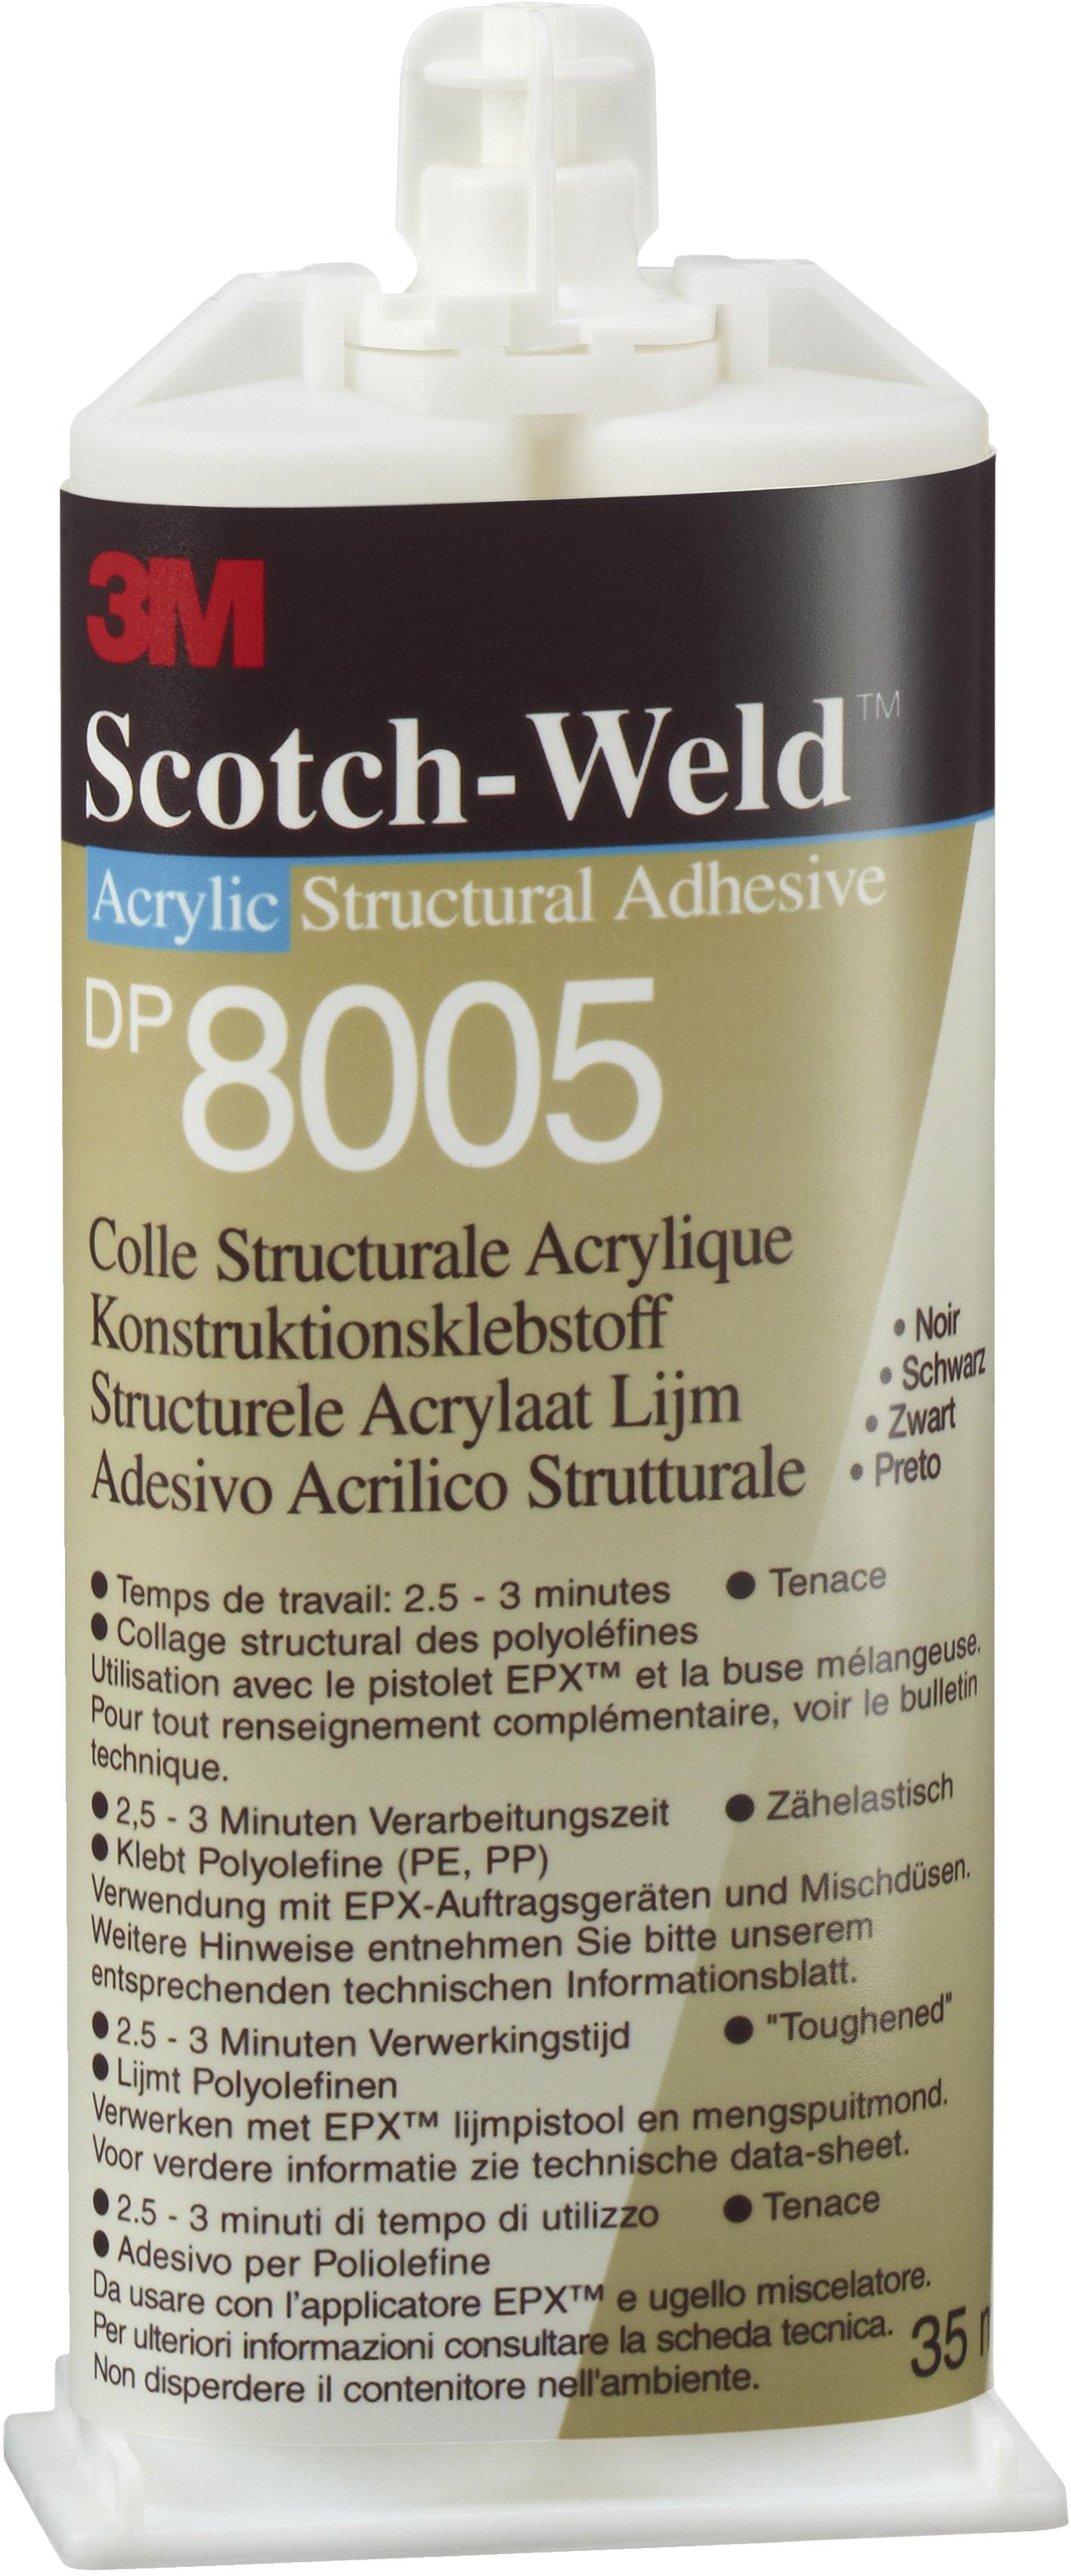 3m_scotch-weld_2-komponenten-konstruktionsklebstoff_auf_acrylatbasis_für_das_epx-system_sw_dp_8005